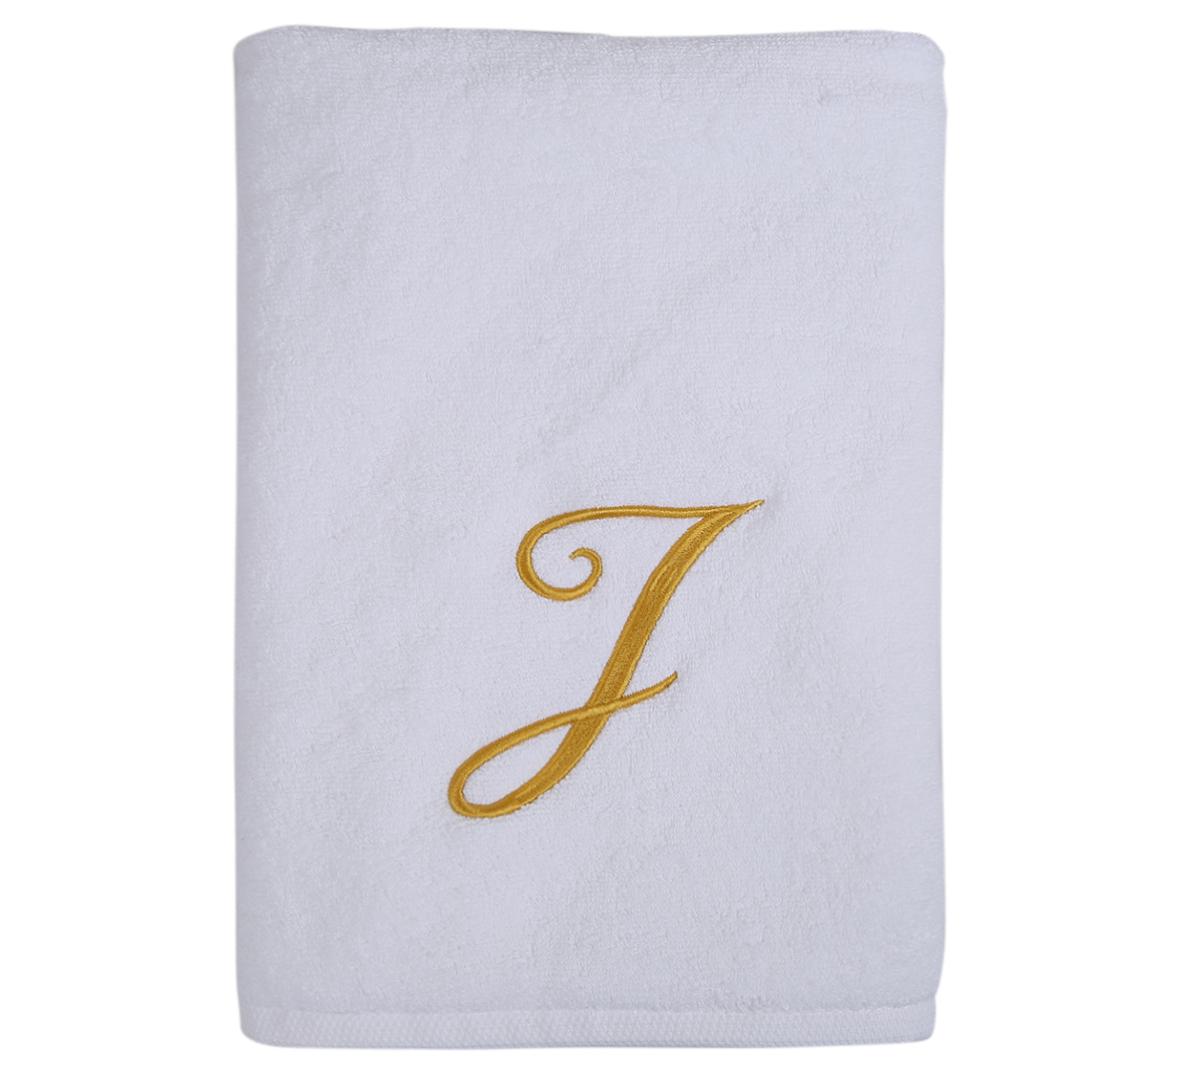 Alphabet Bath Towel 70x140cm Letter J